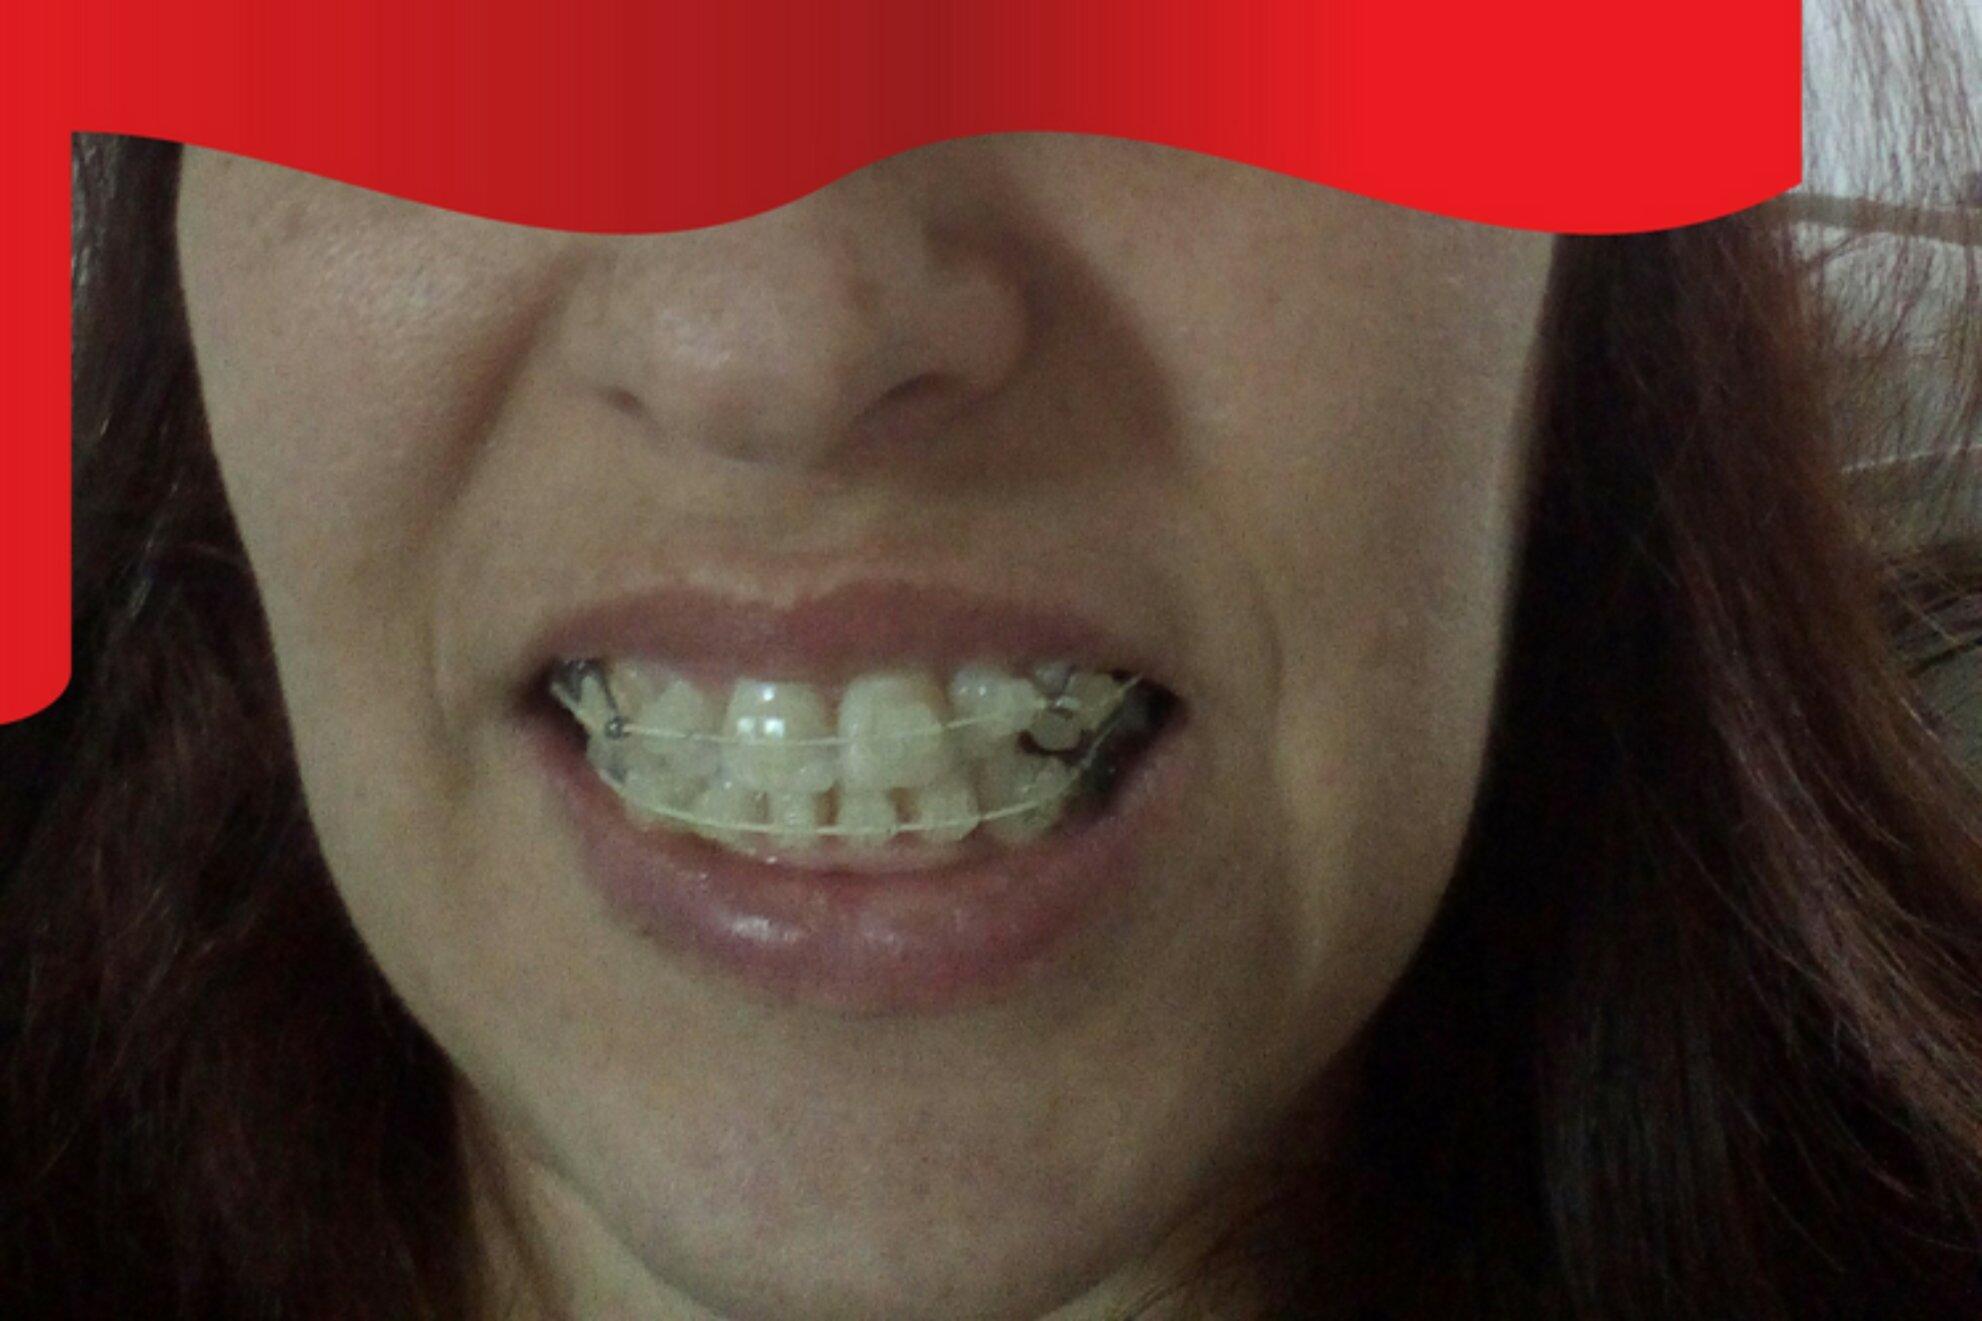 Ortodoncia con extracciones, linea desviada - 1368